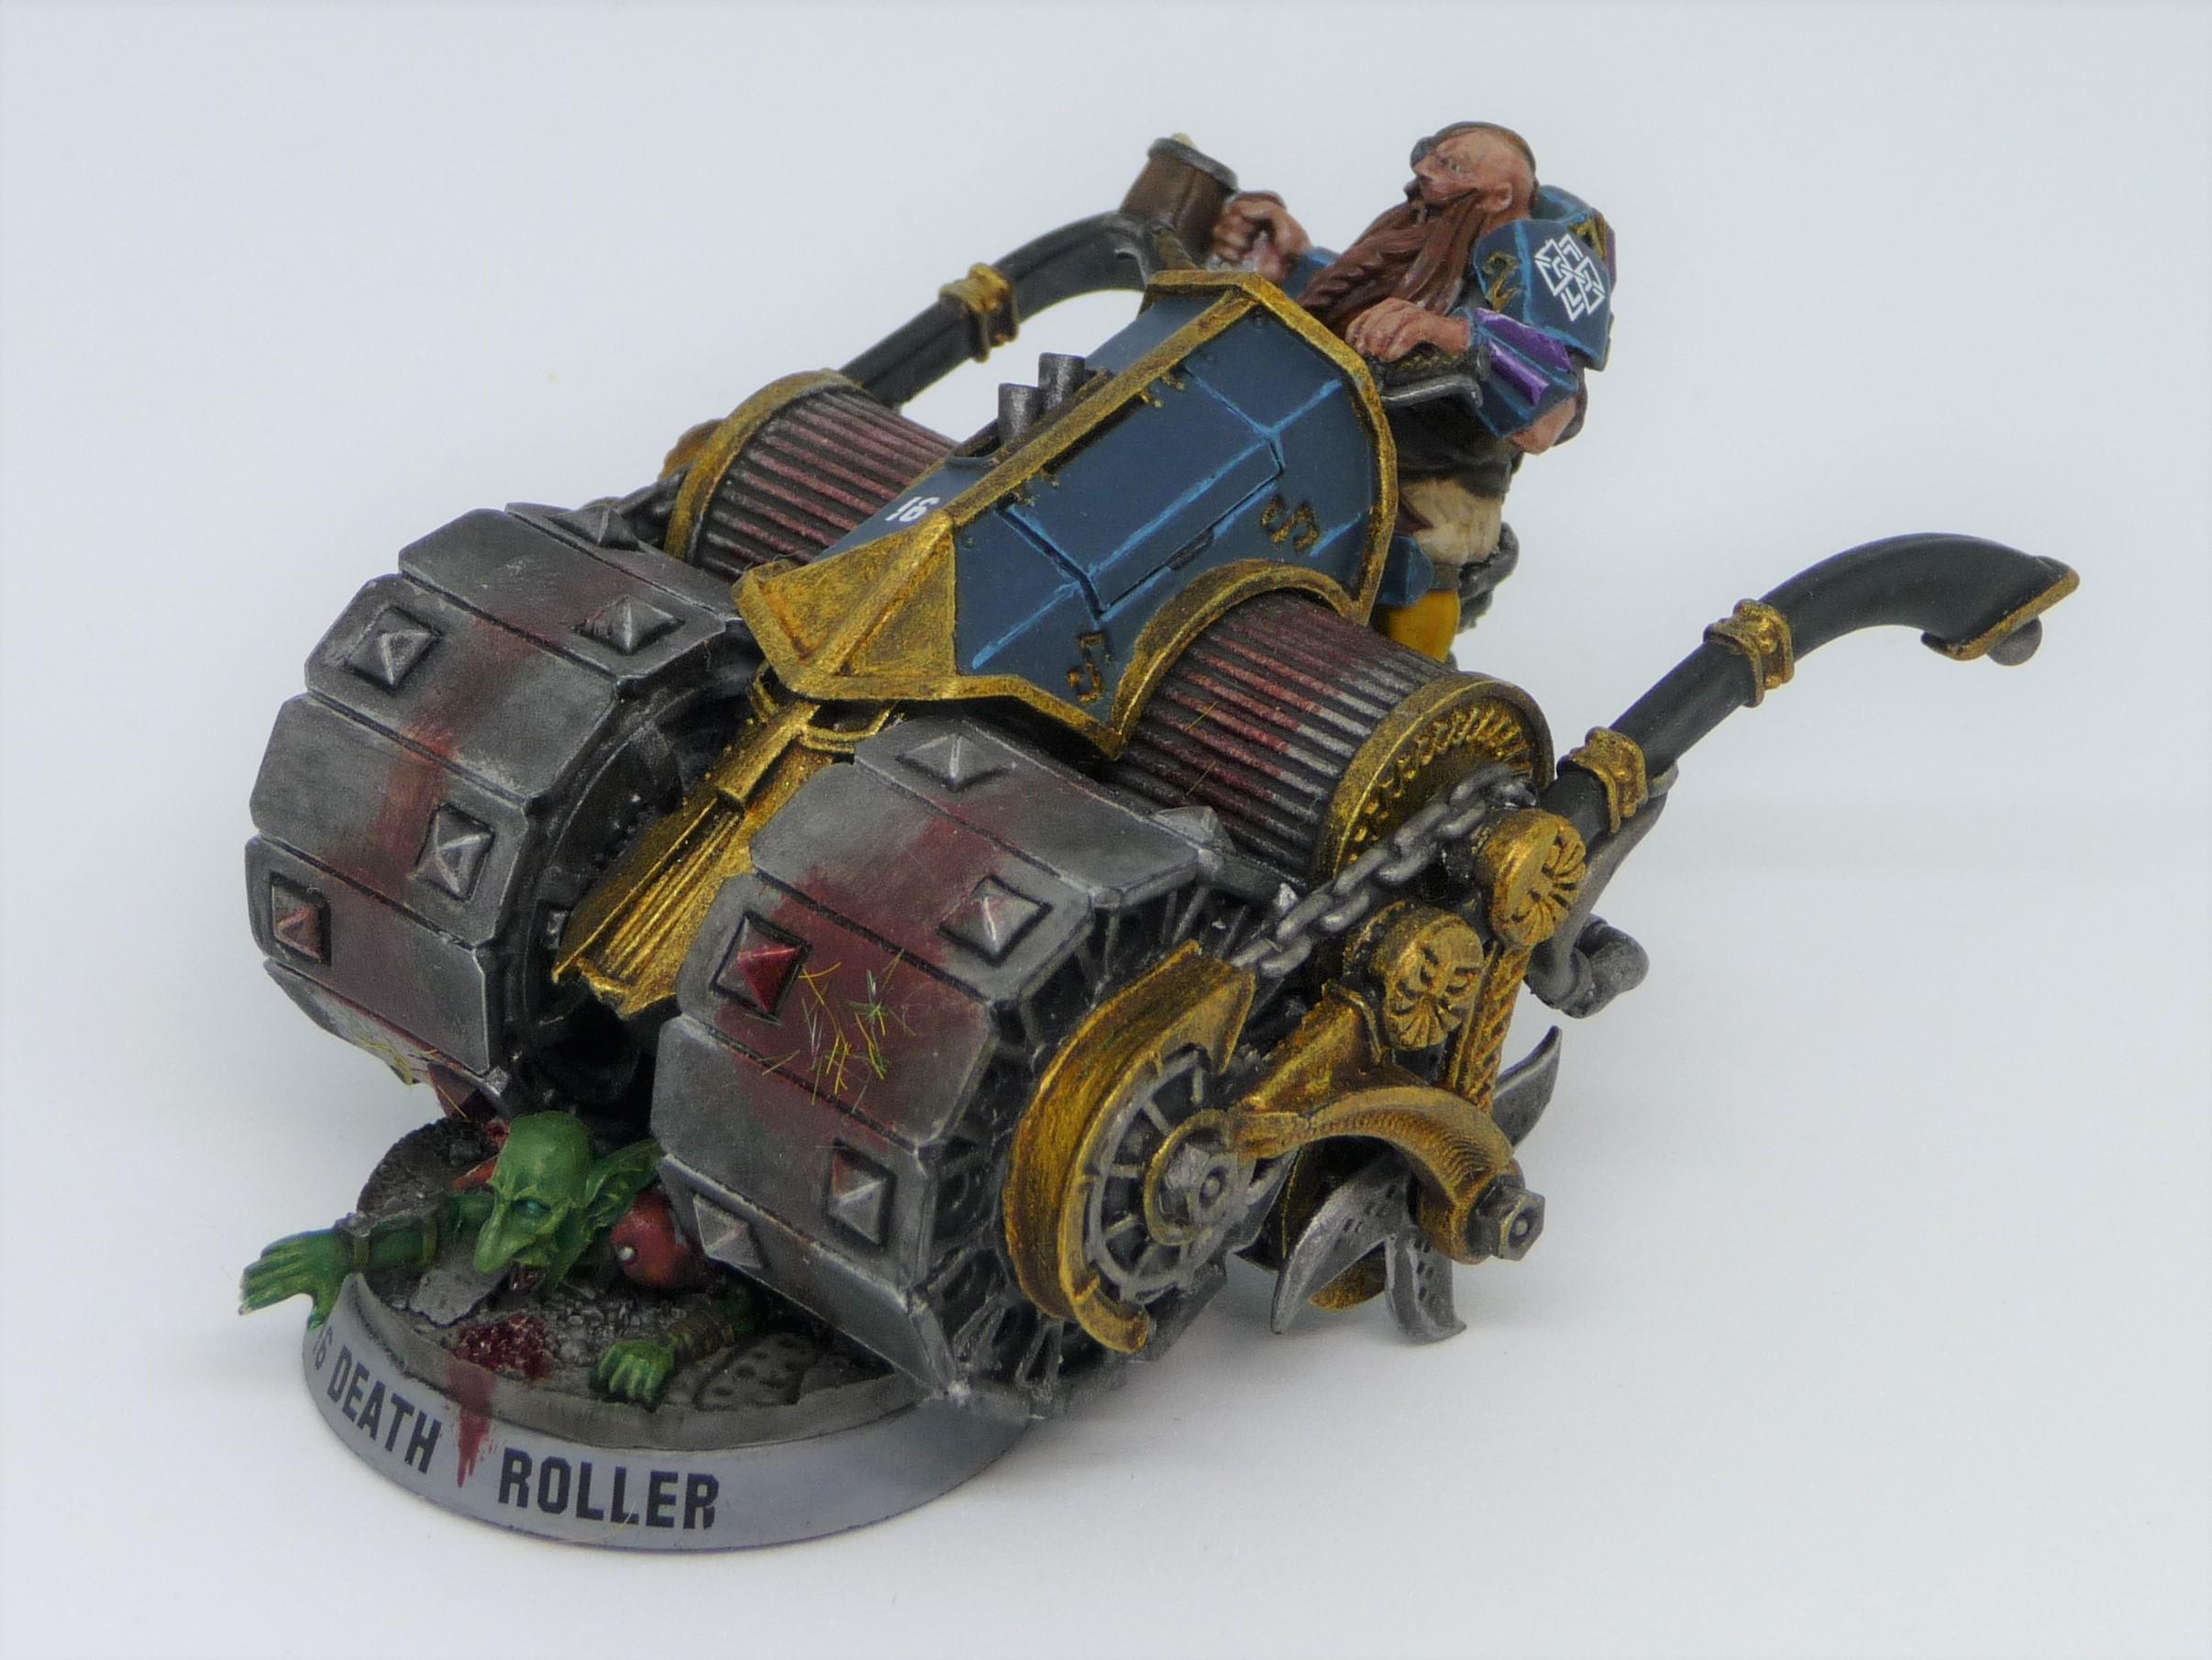 Blood Bowl, Death Roller, Dwarf Giants, Dwarves, Forge World